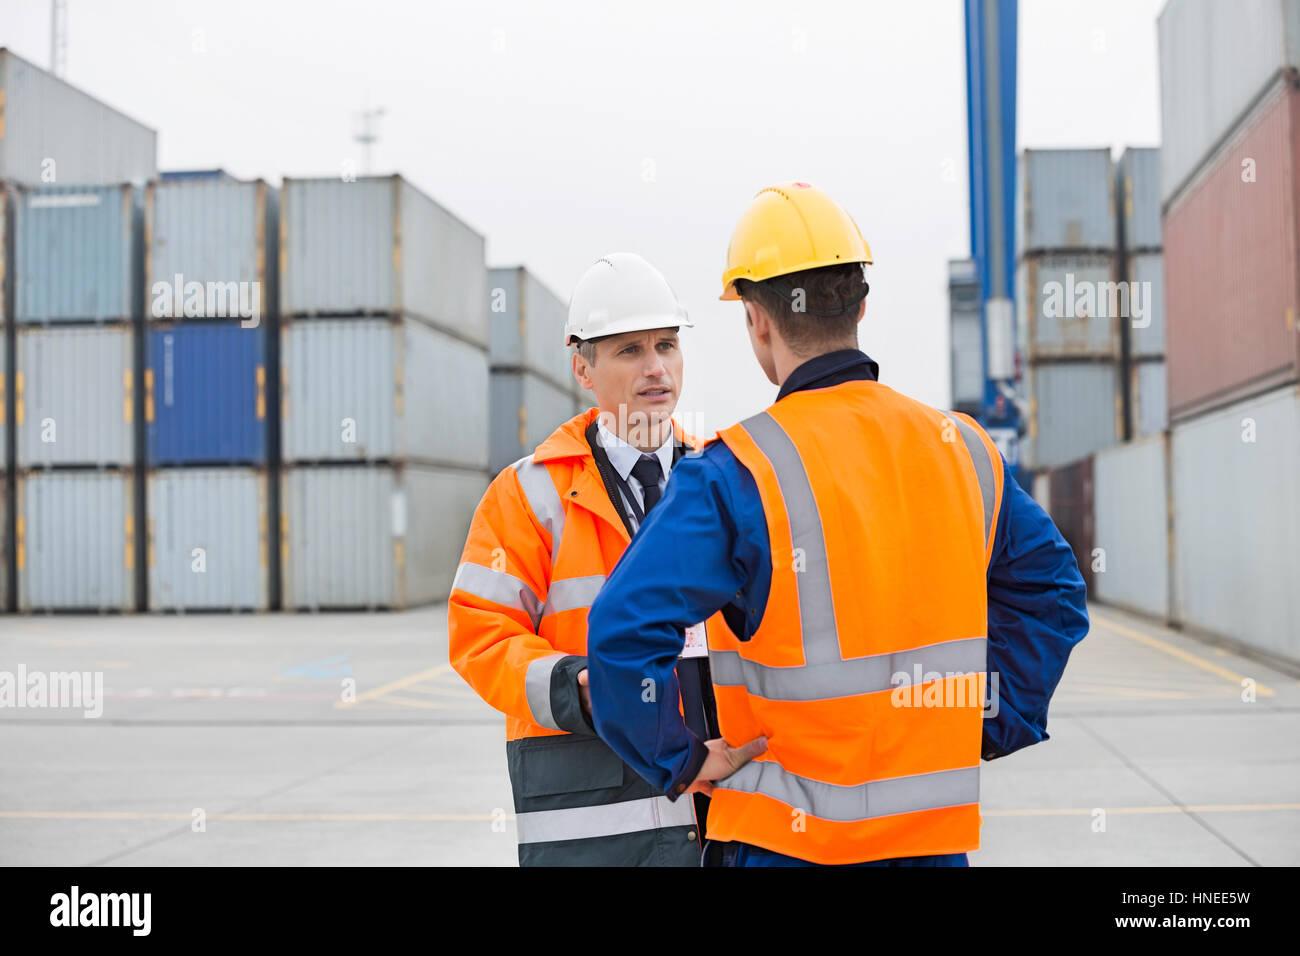 Conversation en cour d'expédition des travailleurs Photo Stock